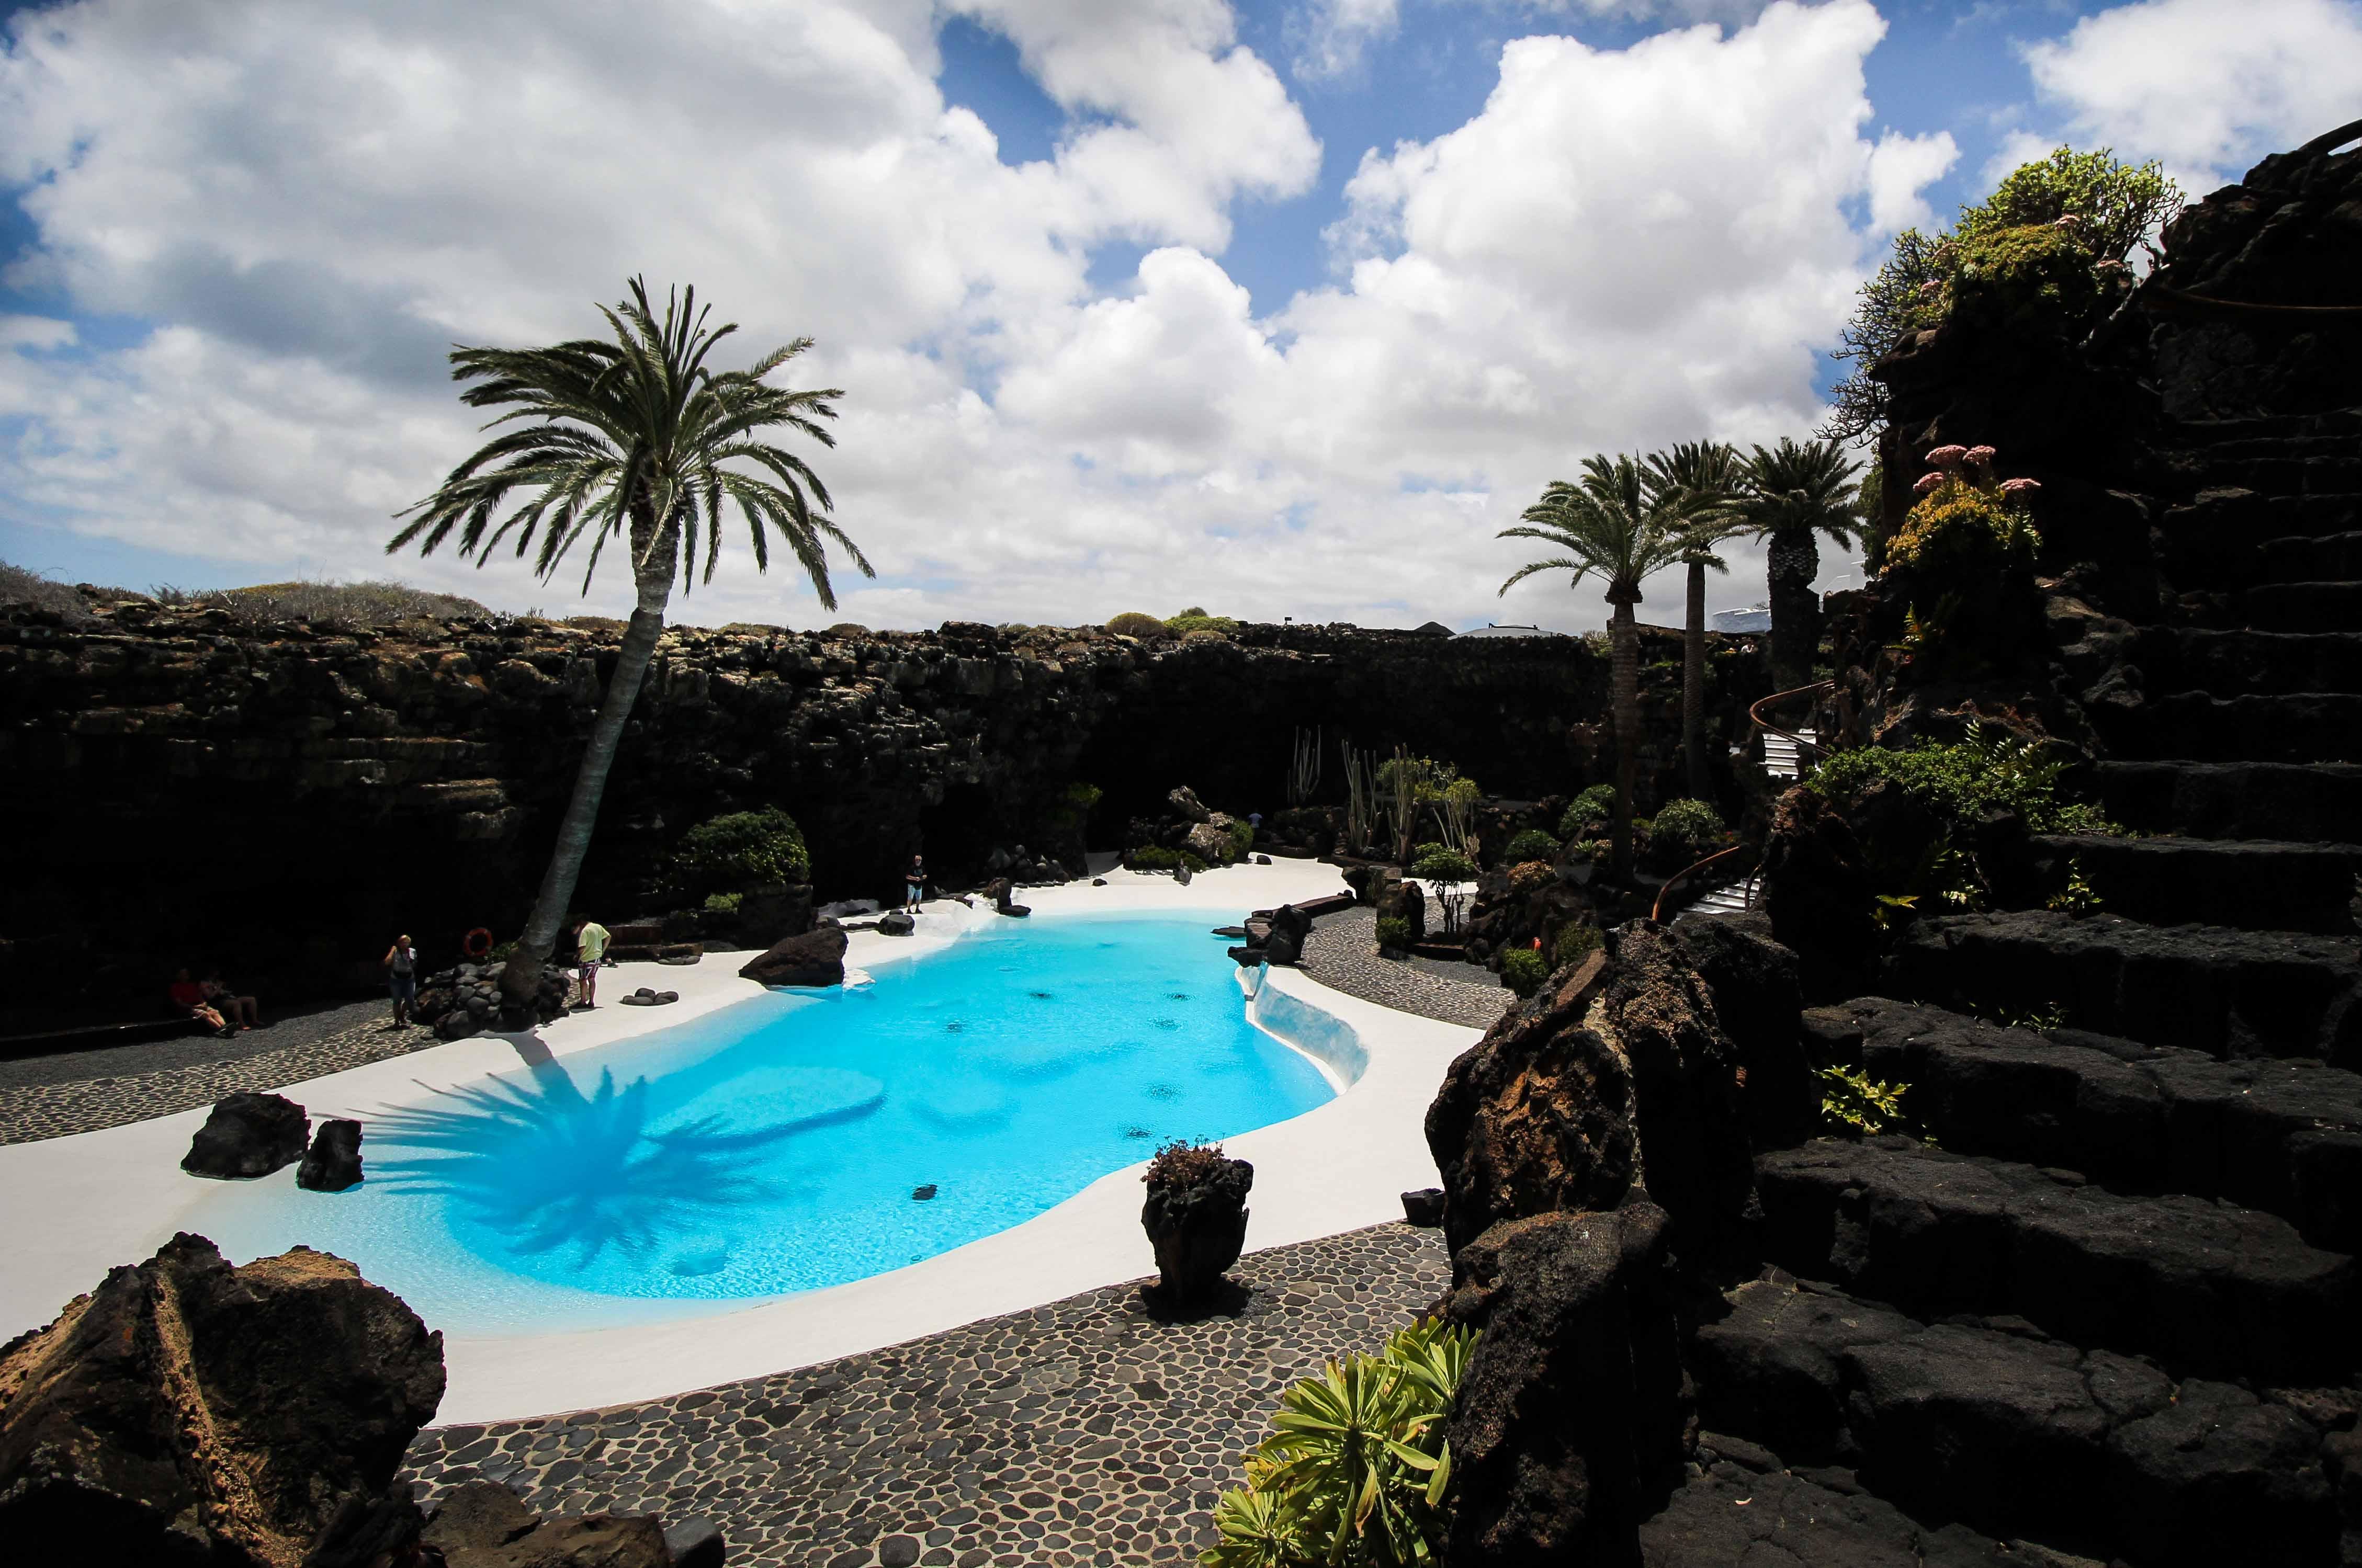 Top 10 Tipps Lanzarote Sehenswürdigkeiten Insider Tipps Lanzarote Spanien Jameos del Agua blauer See Reiseblog